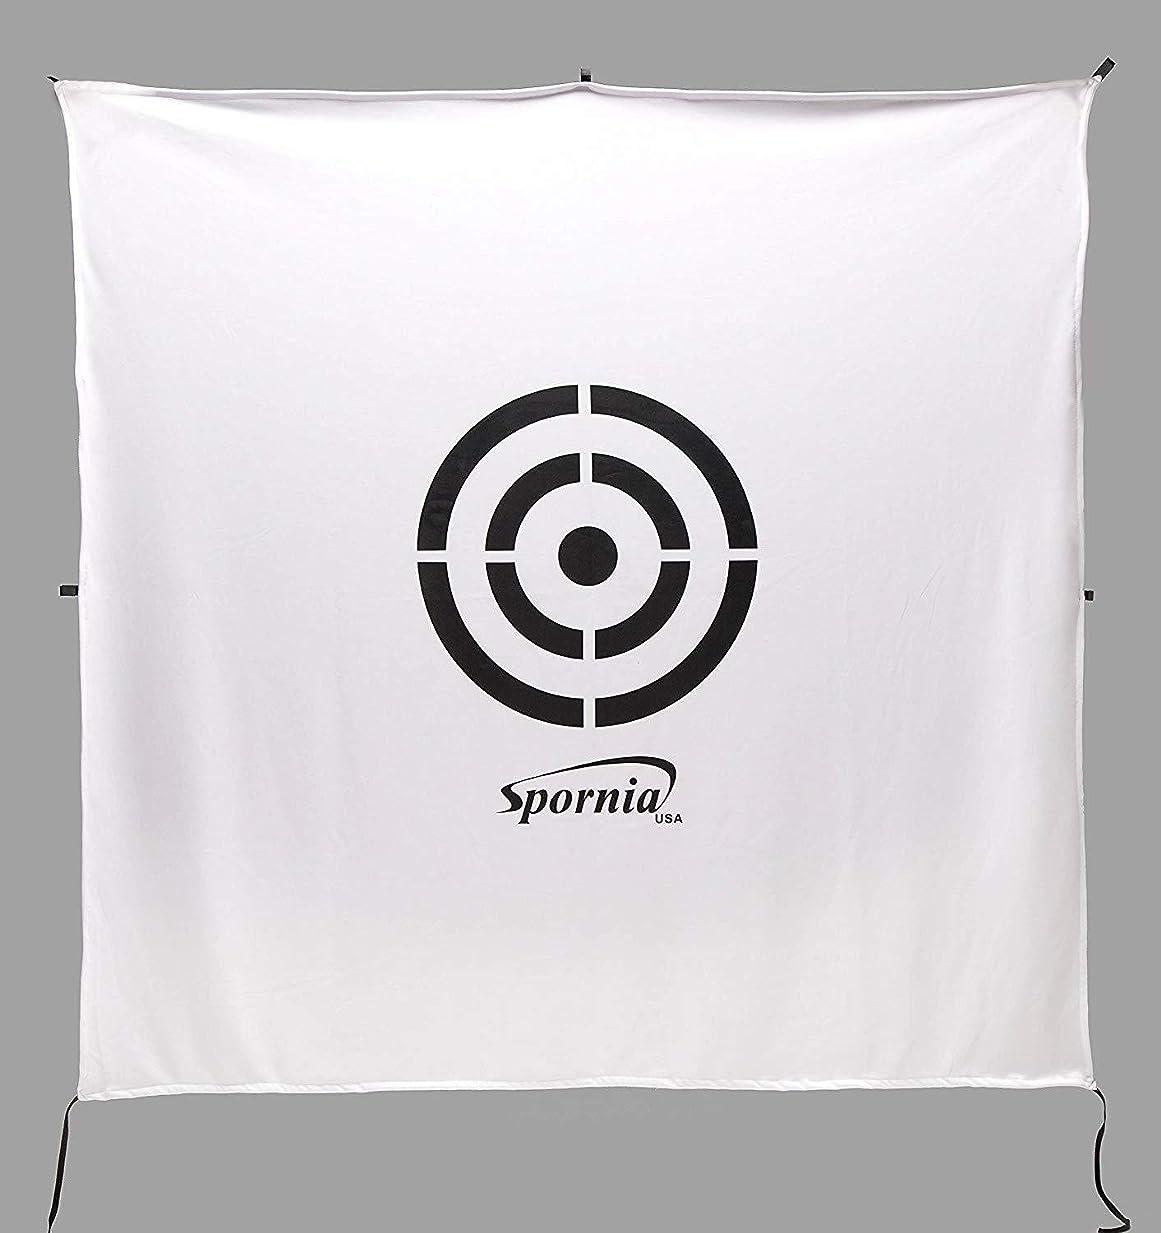 以降お気に入りより【安心の20年実績 ゴルフネット用ターゲットシート】 Spornia 自宅でドライバーやアプローチ練習に 初心者にも設置が簡単な練習器具 スポーニア